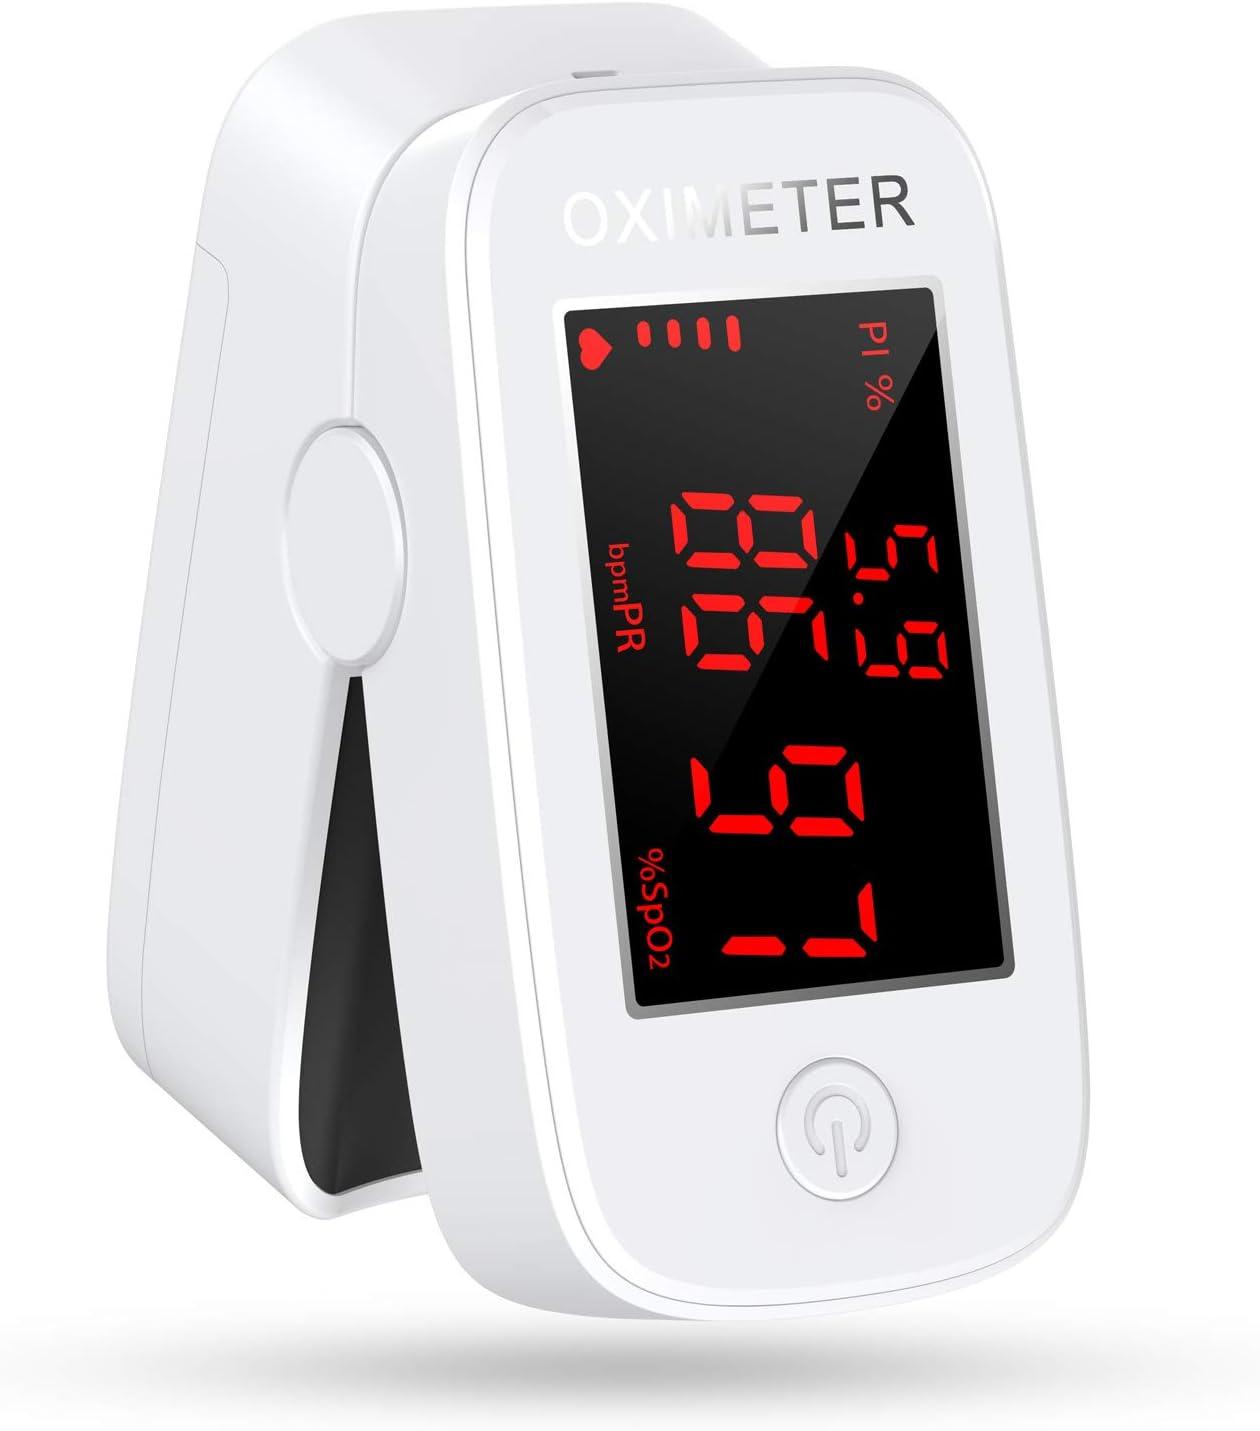 konjac oximetro dedo, Medidor de oxigeno en sangre, Pulsioximetro de dedo profesional, Saturimetro de dedo, Medir saturacion oxigeno (SpO2), PR (frecuencia del pulso), PI (índice de perfusión)